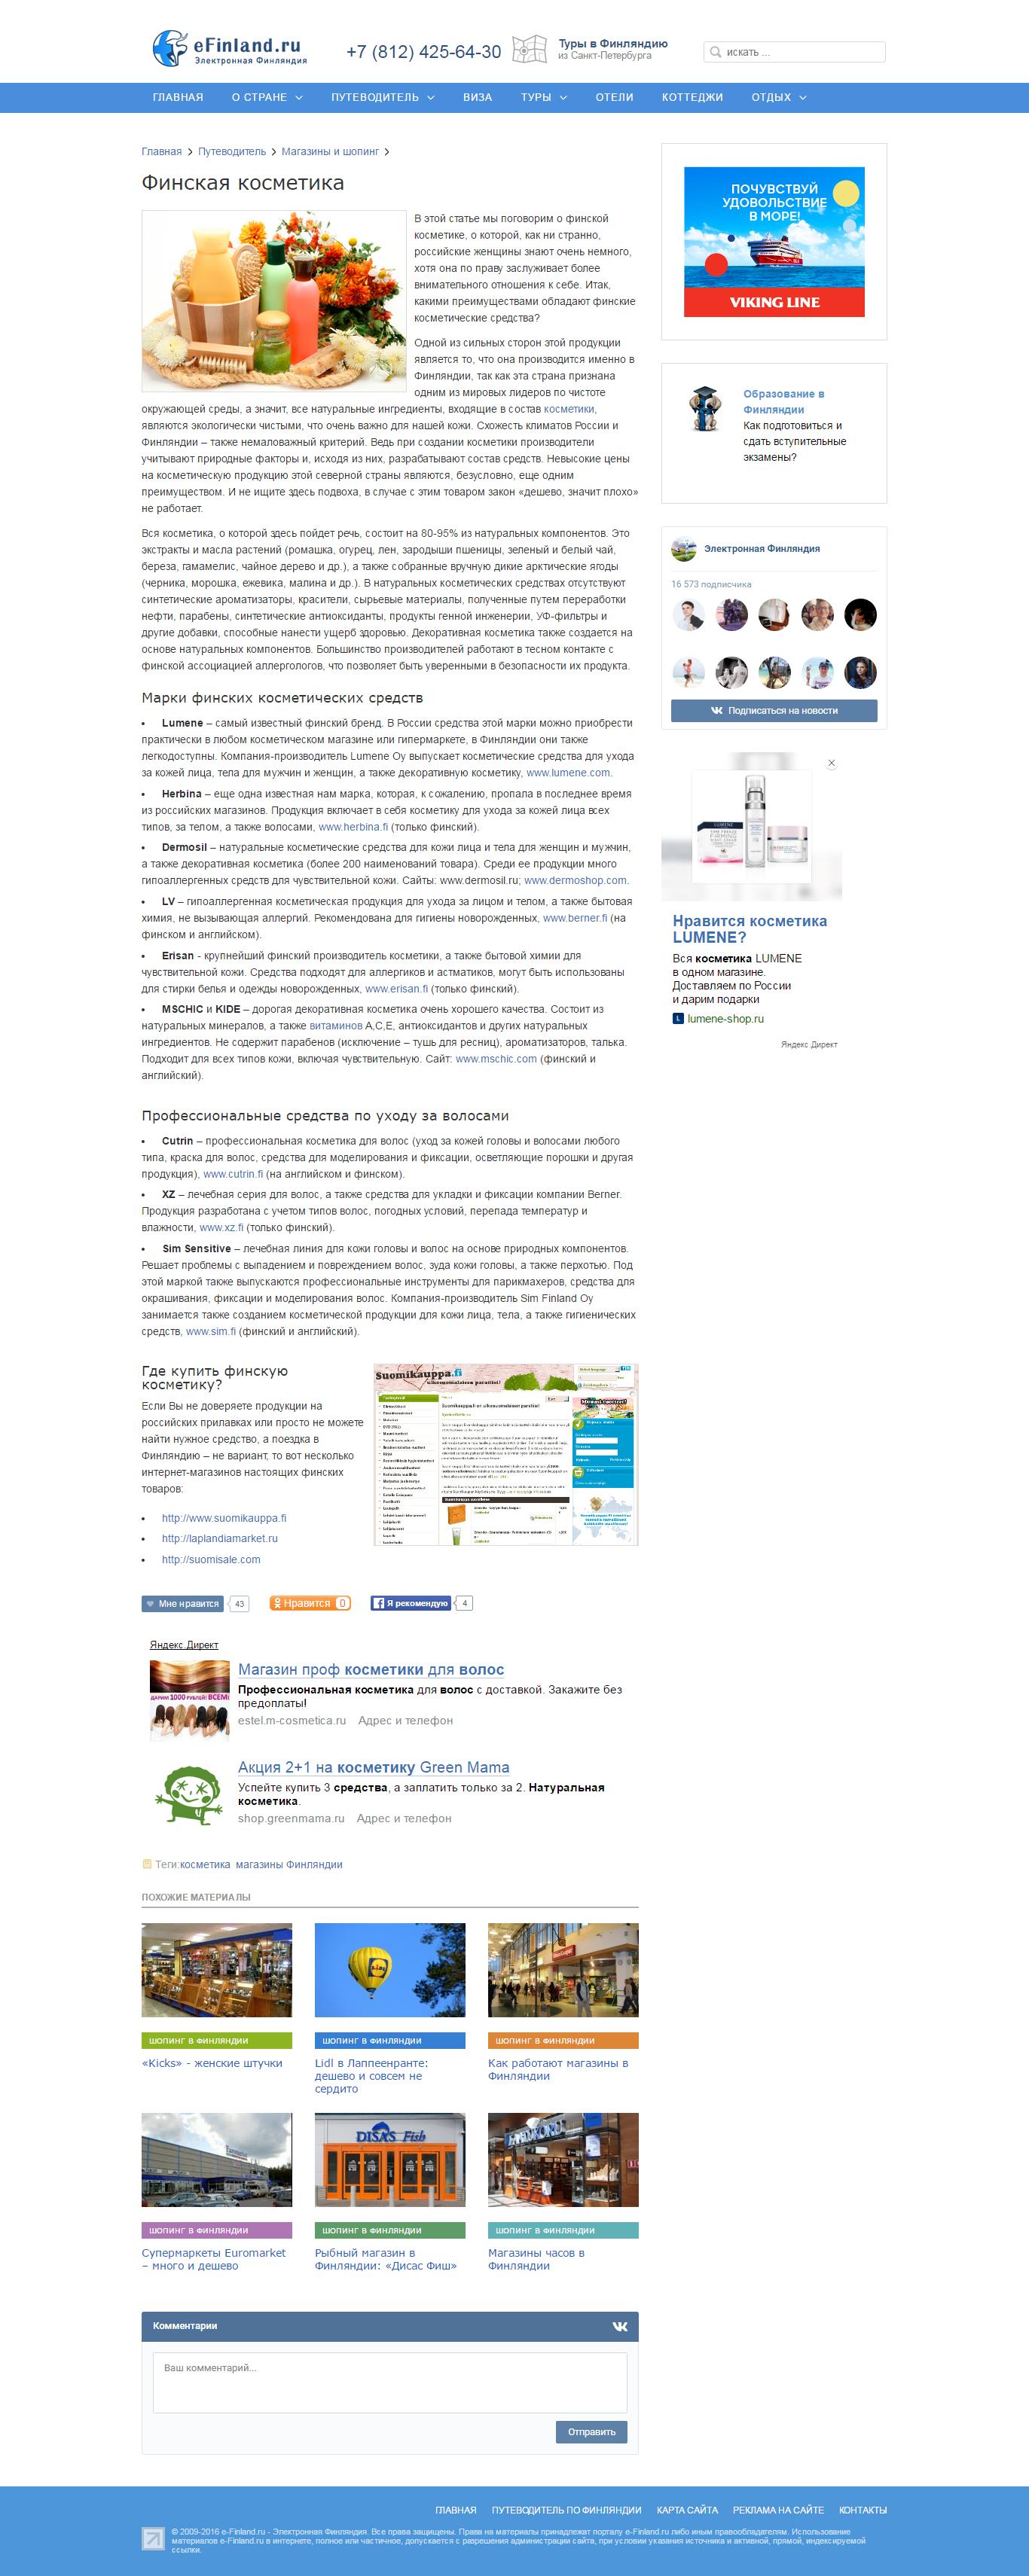 Статья про финскую косметику для ресурса Электронная Финляндия